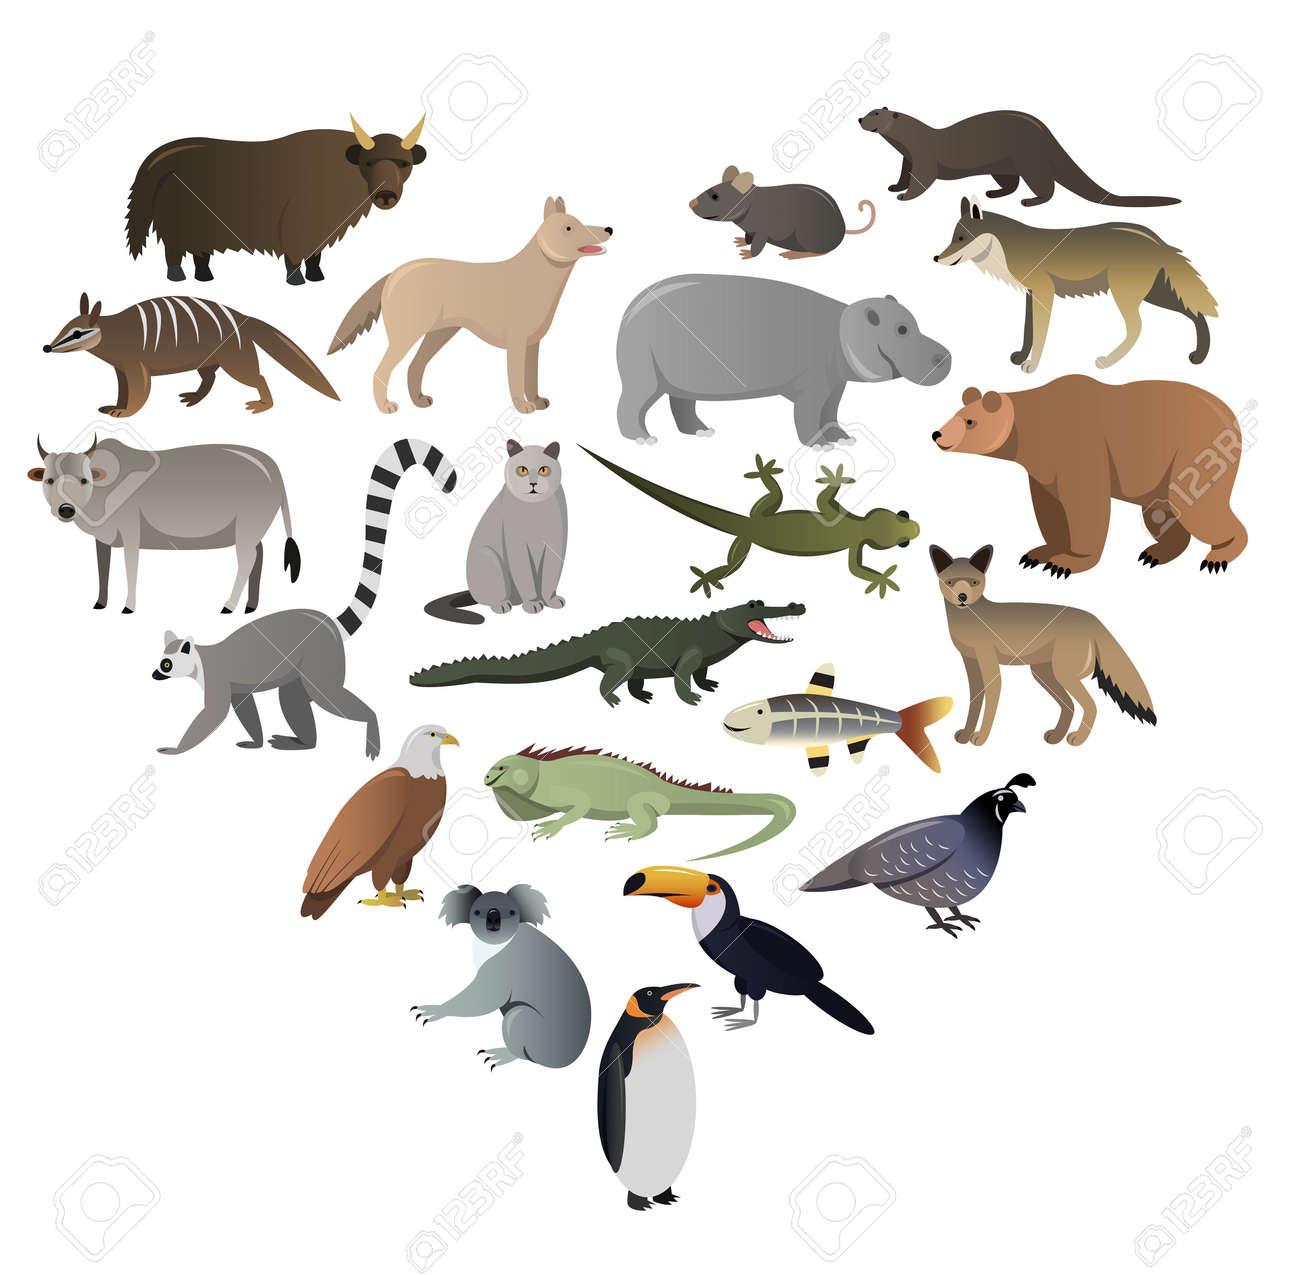 Vector image of wild animals in ZOO - 52412224